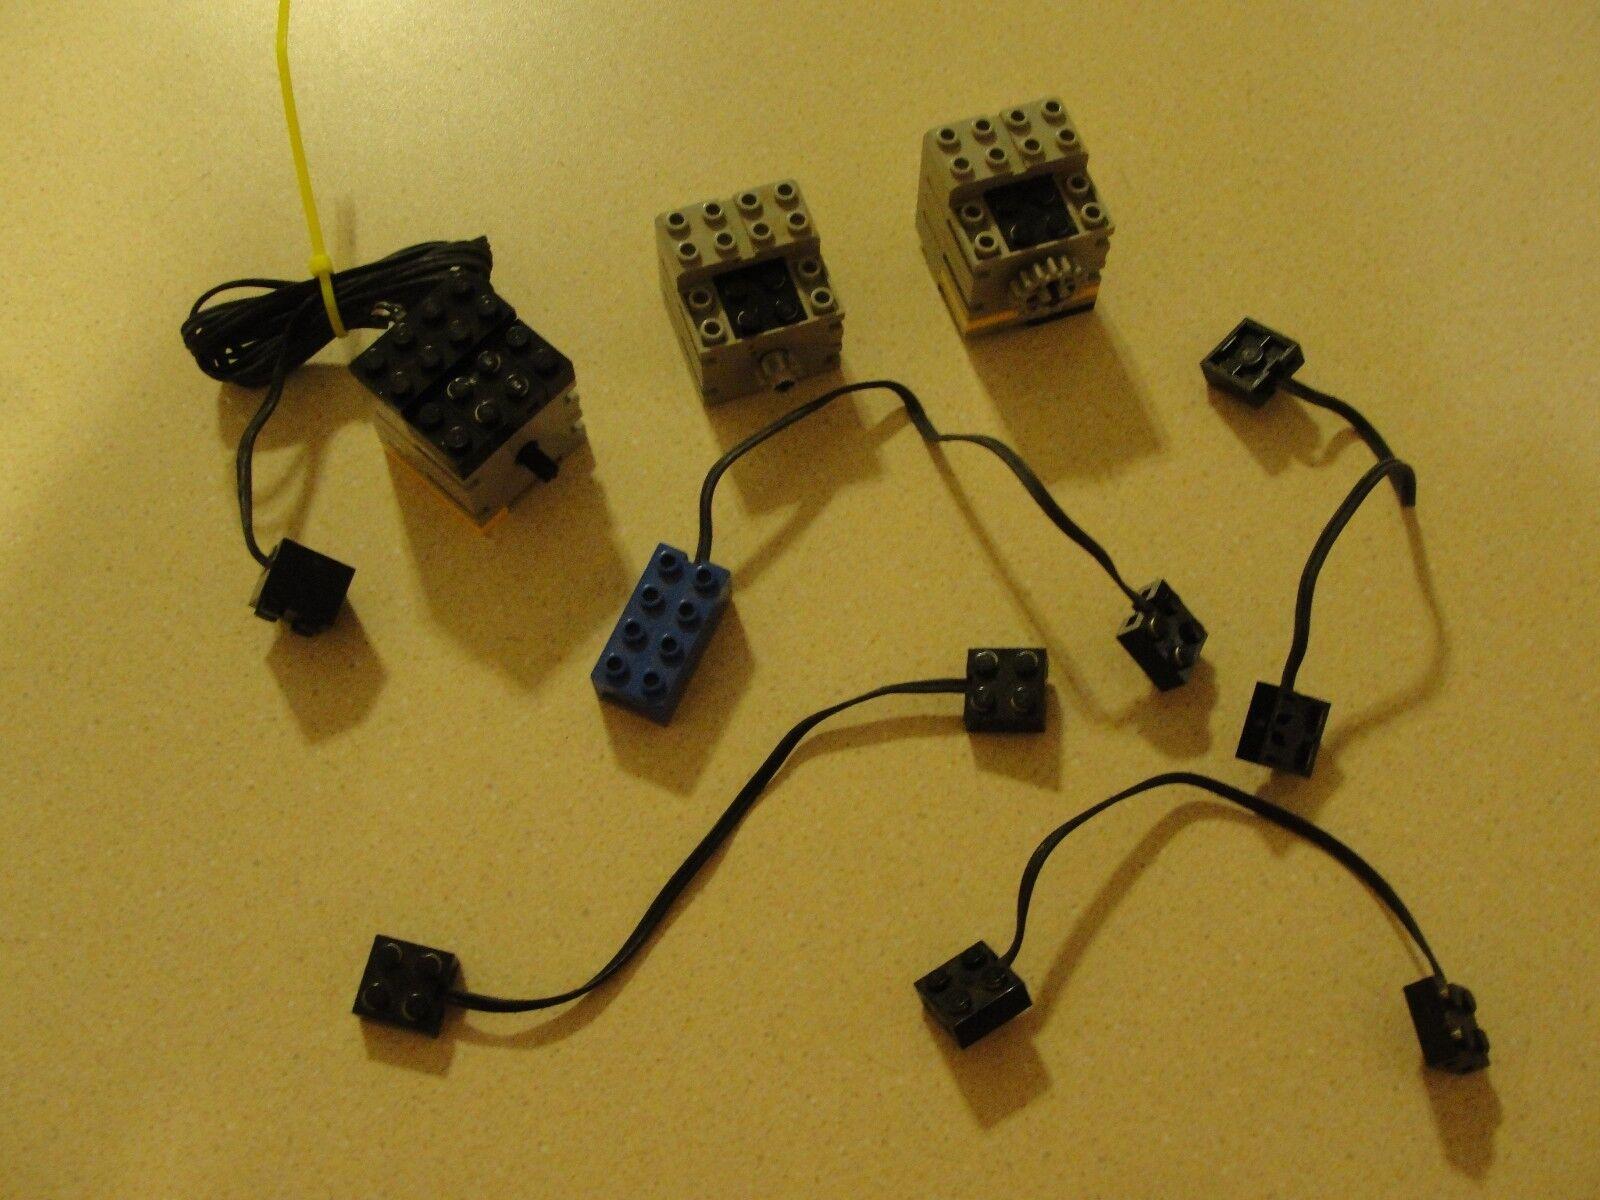 Joli  lot de LEGO VINTAGE AUTO et câbles legos doit voir  qualité garantie